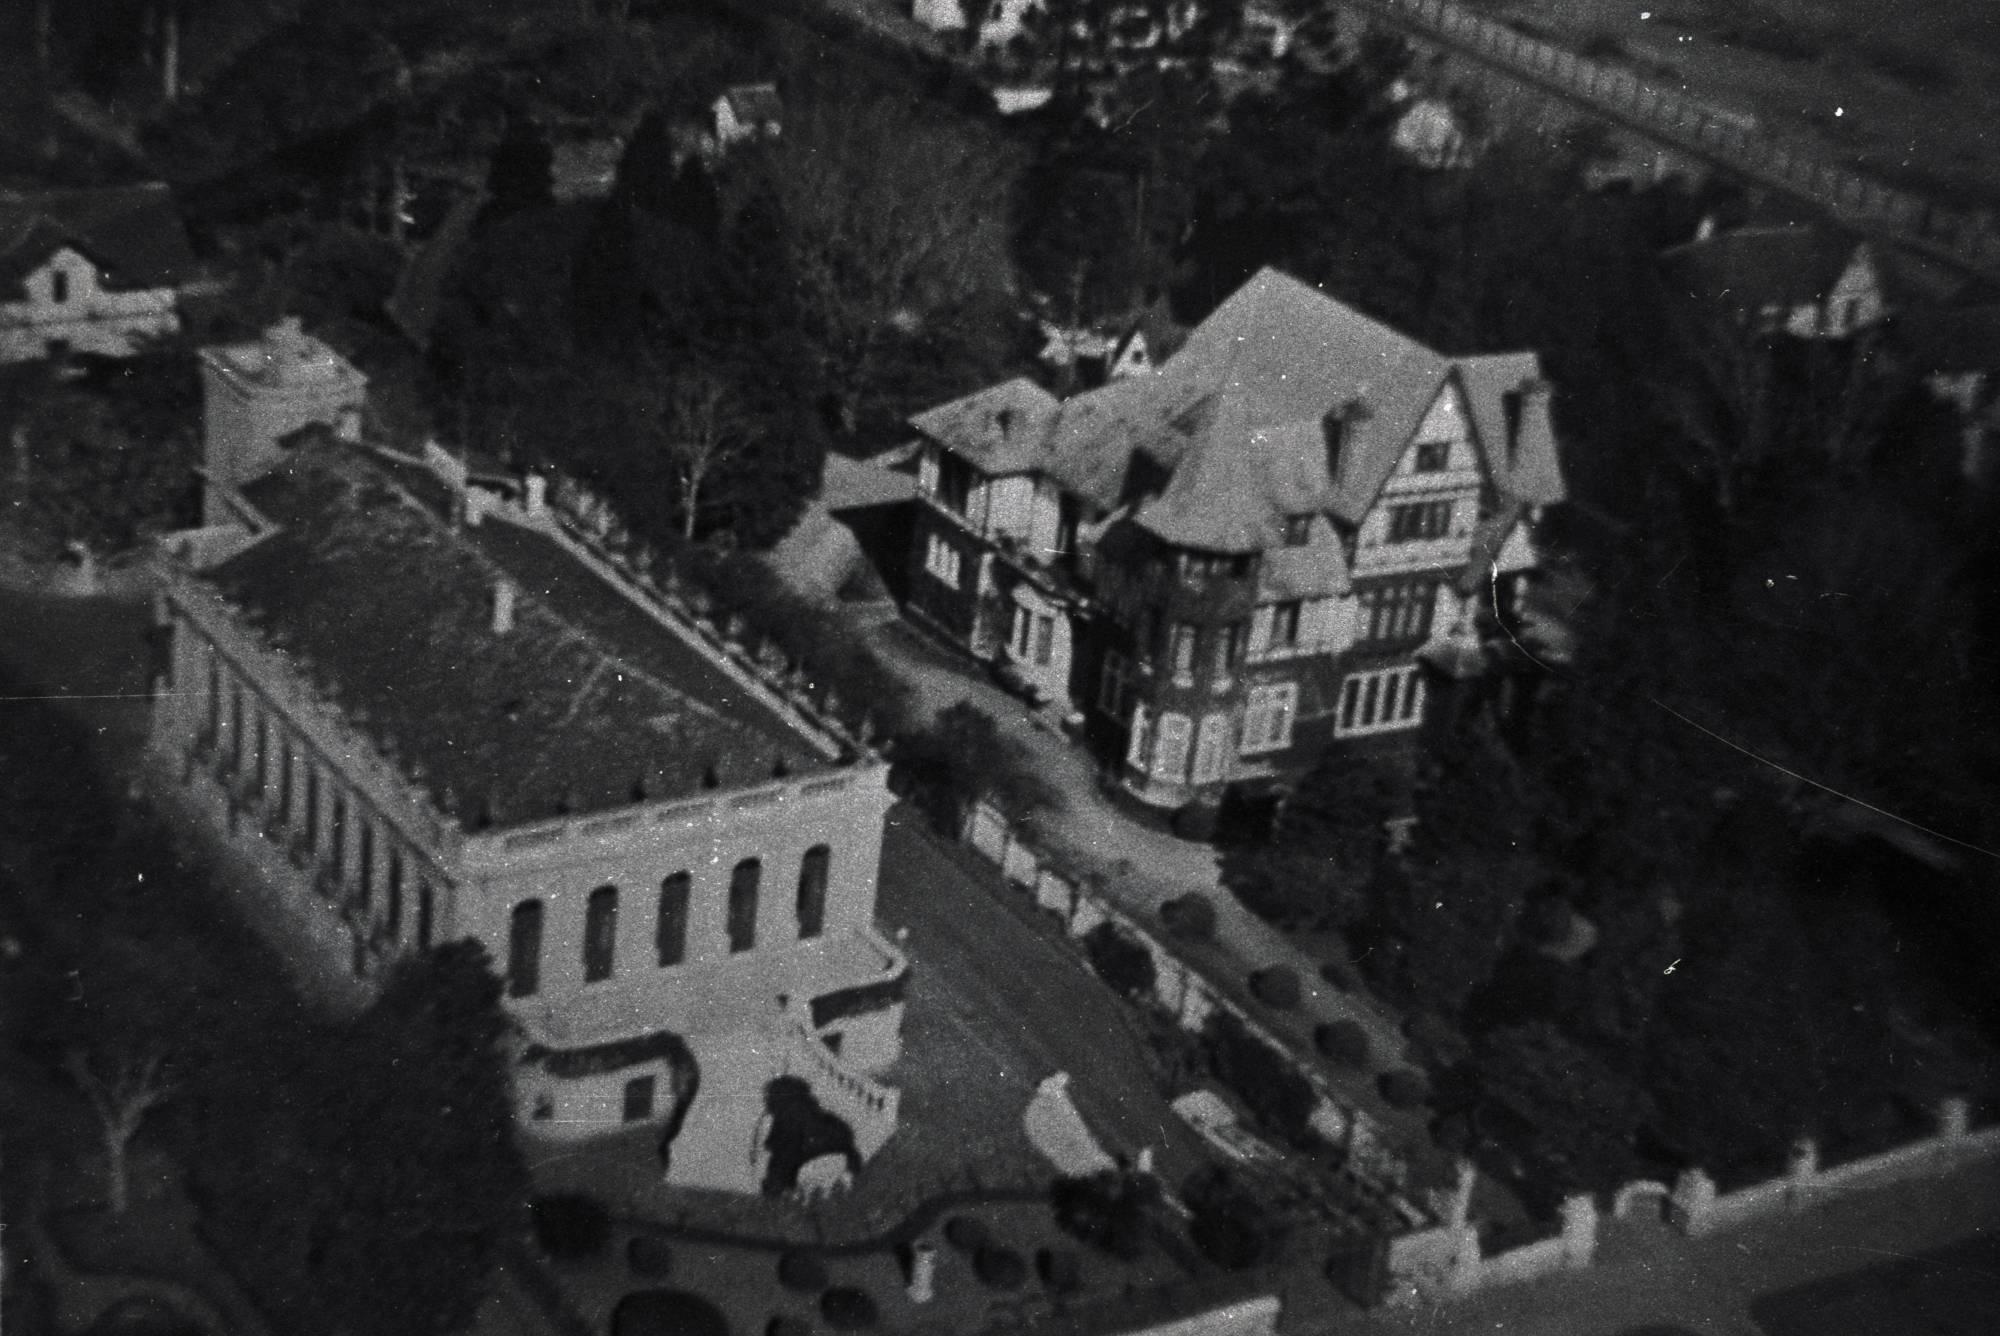 Vista aérea do Palacete dos Leões na década de 30. Tombada como patrimônio histórico, a construção é uma das heranças do período da erva-mate. Foto: Divulgação/ Fundação Cultural de Curitiba